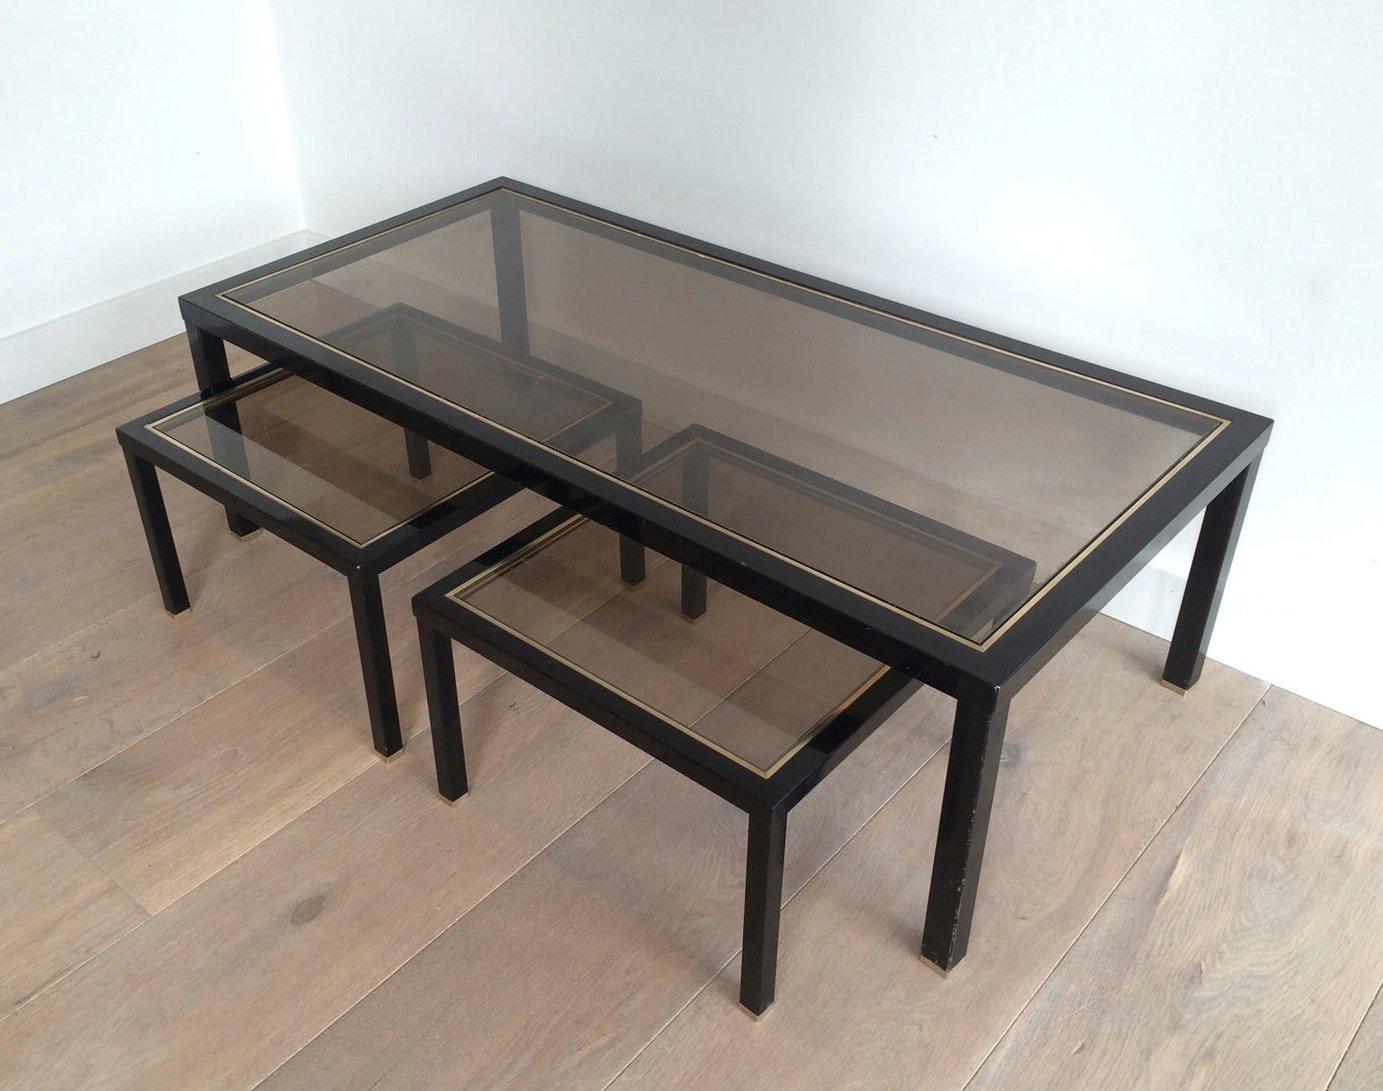 messing couchtisch mit beistelltischen 3er set bei pamono. Black Bedroom Furniture Sets. Home Design Ideas